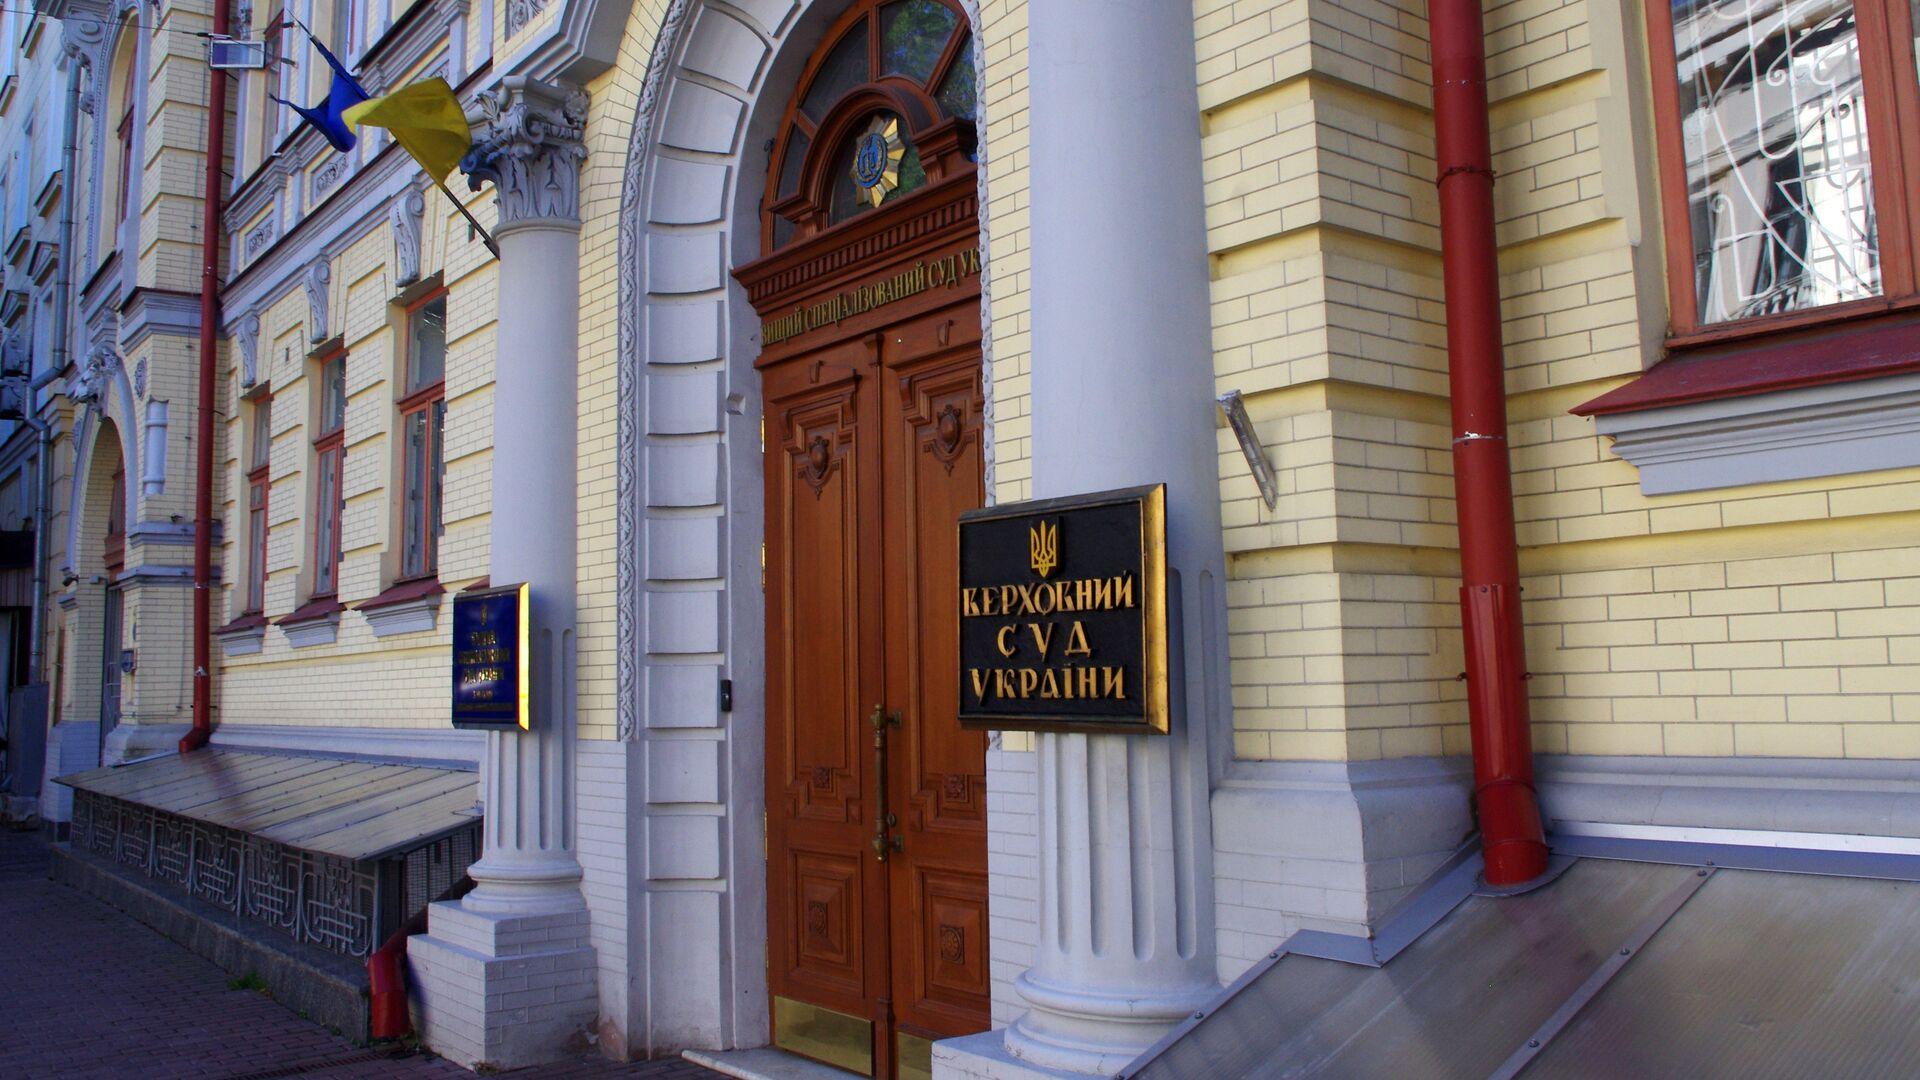 Вход в задние Верховного суда Украины в Киеве  - РИА Новости, 1920, 04.08.2021